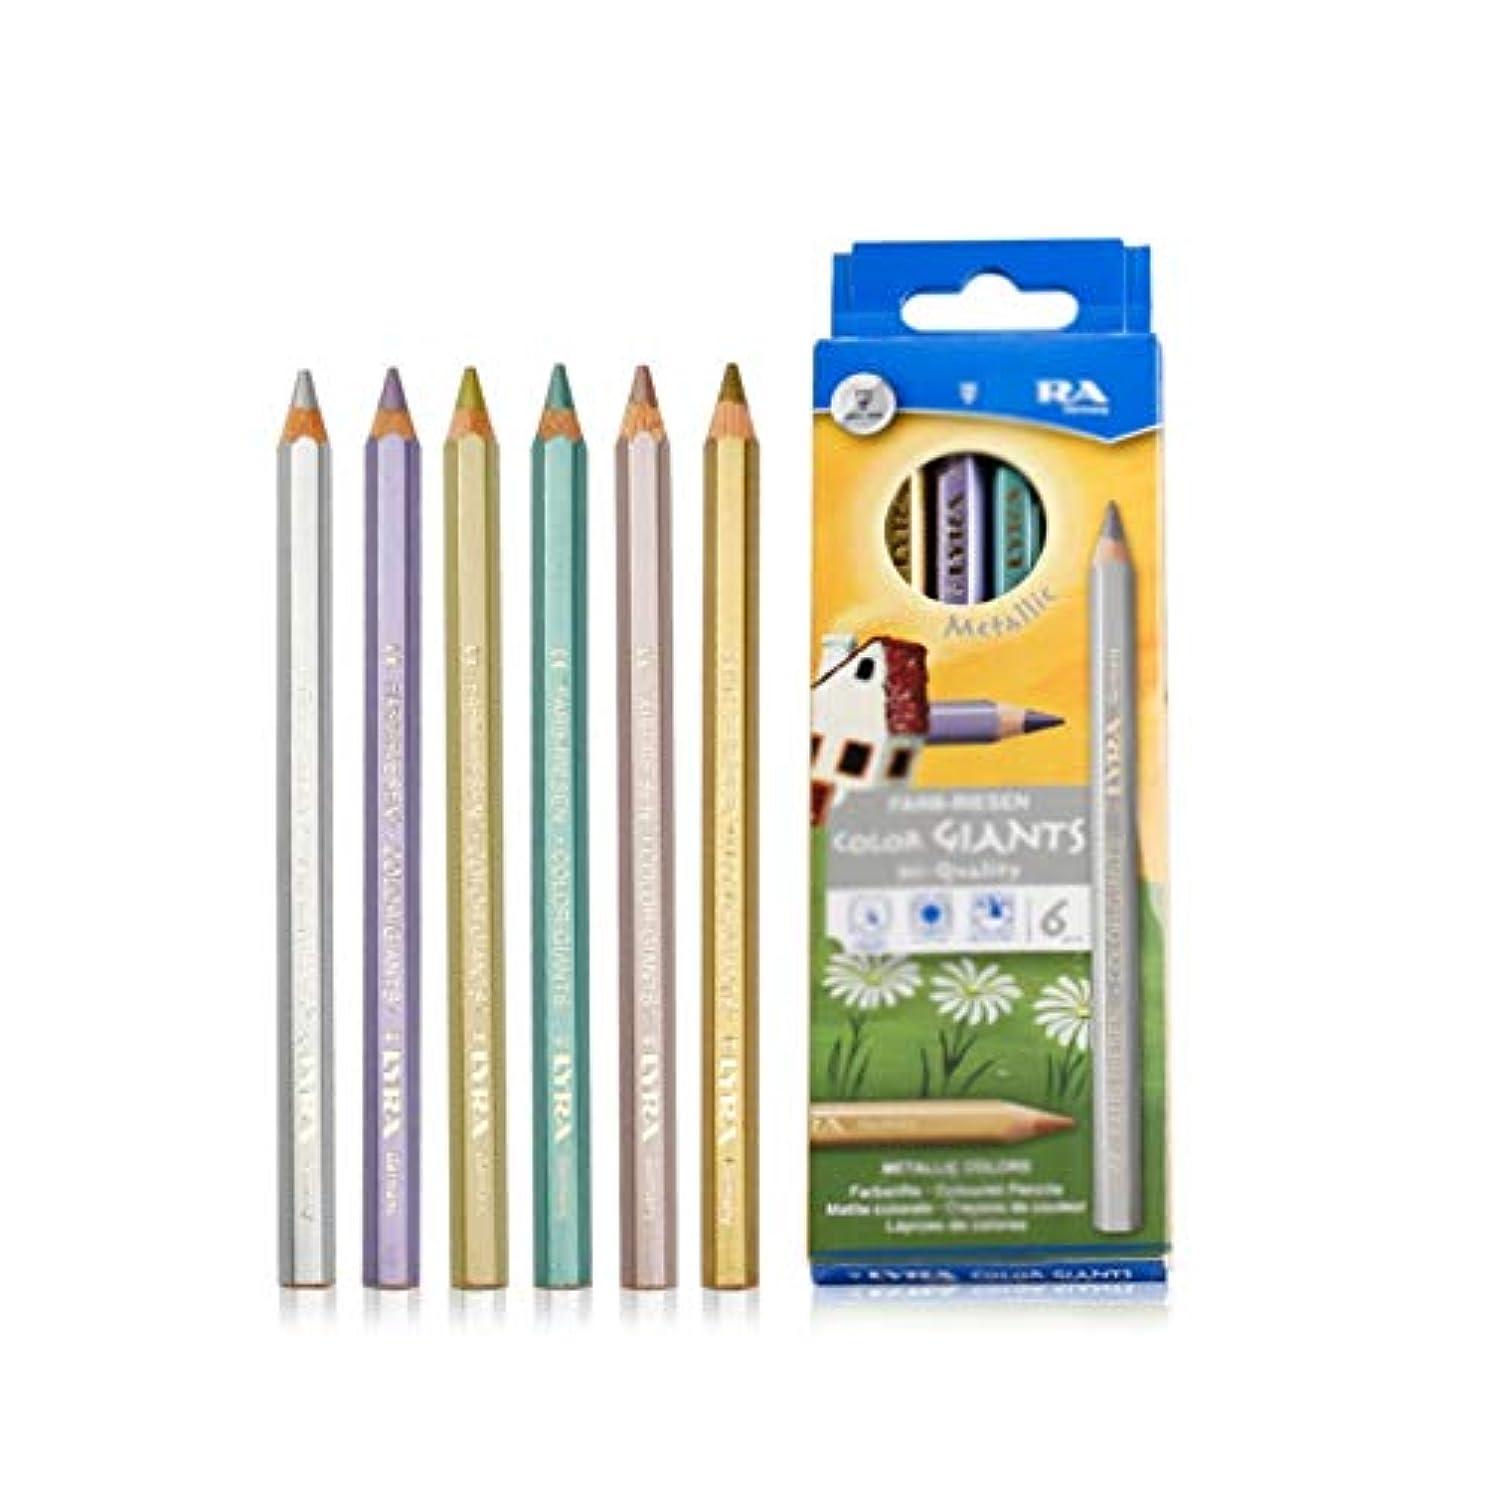 信頼性元に戻す仕立て屋Hongyunshanghang001 絵筆、六角形の学生の絵の色の太字の鉛筆、スライドするのは簡単ではありません 絶妙な技量 (Color : Color pen, Size : 18*1cm)